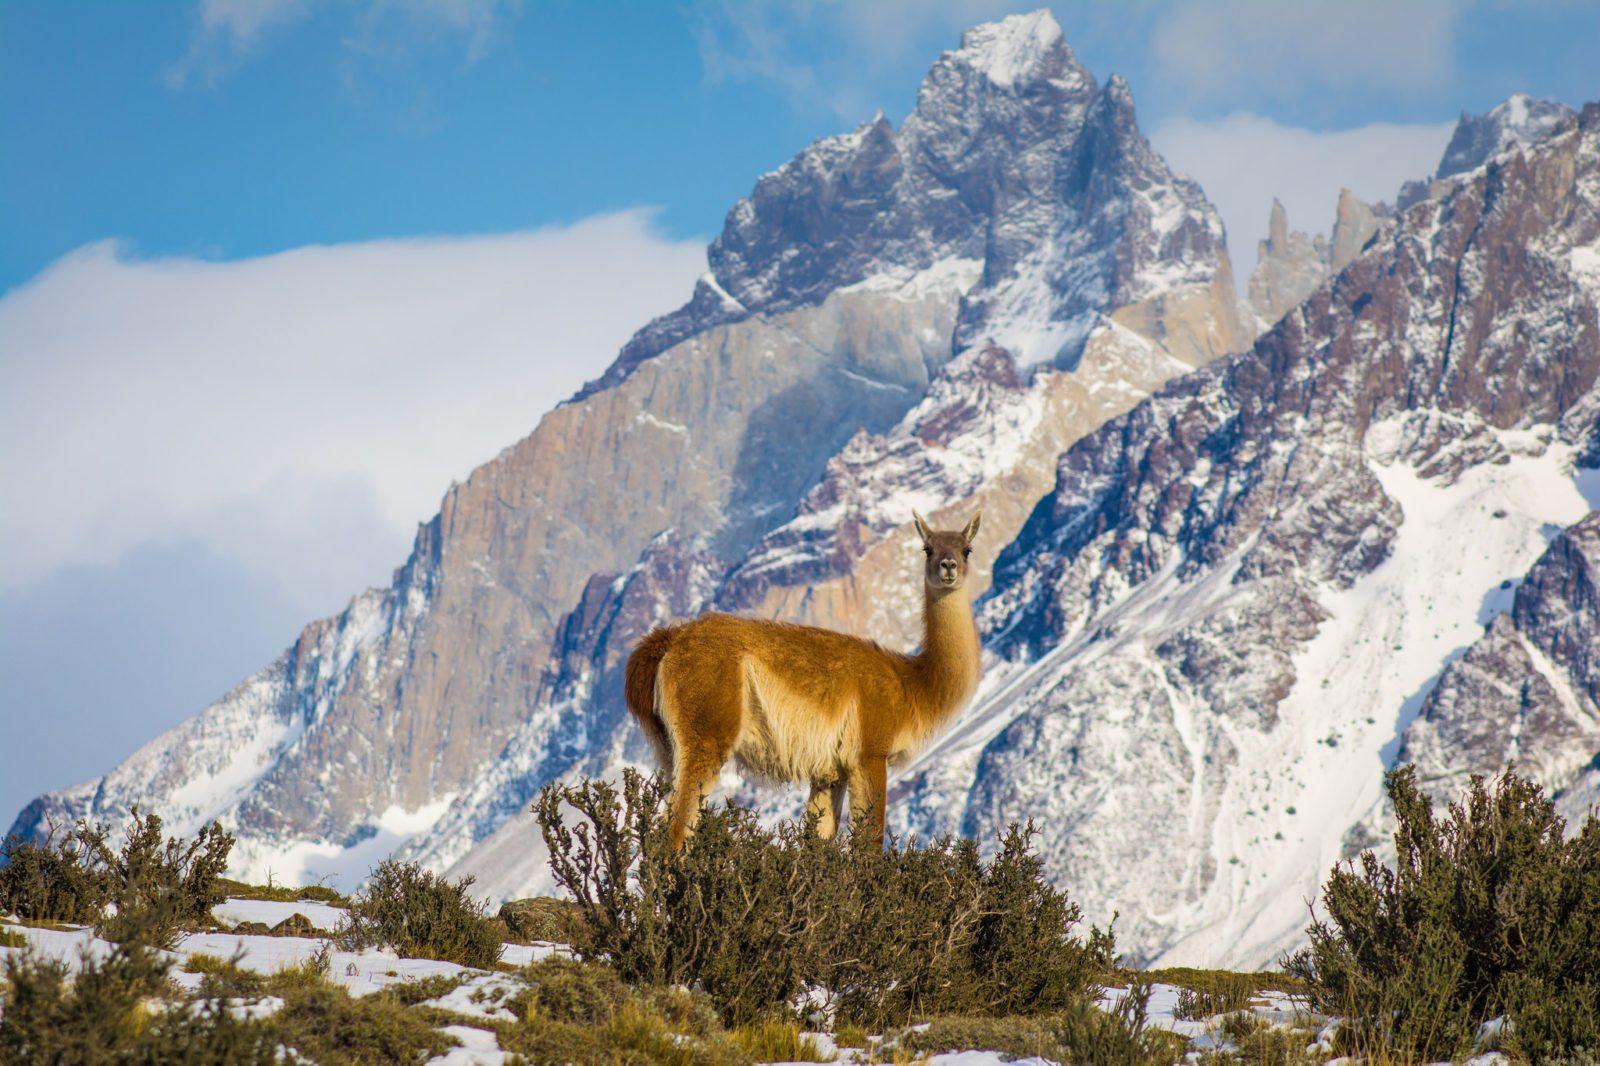 Adios Torres del Paine!